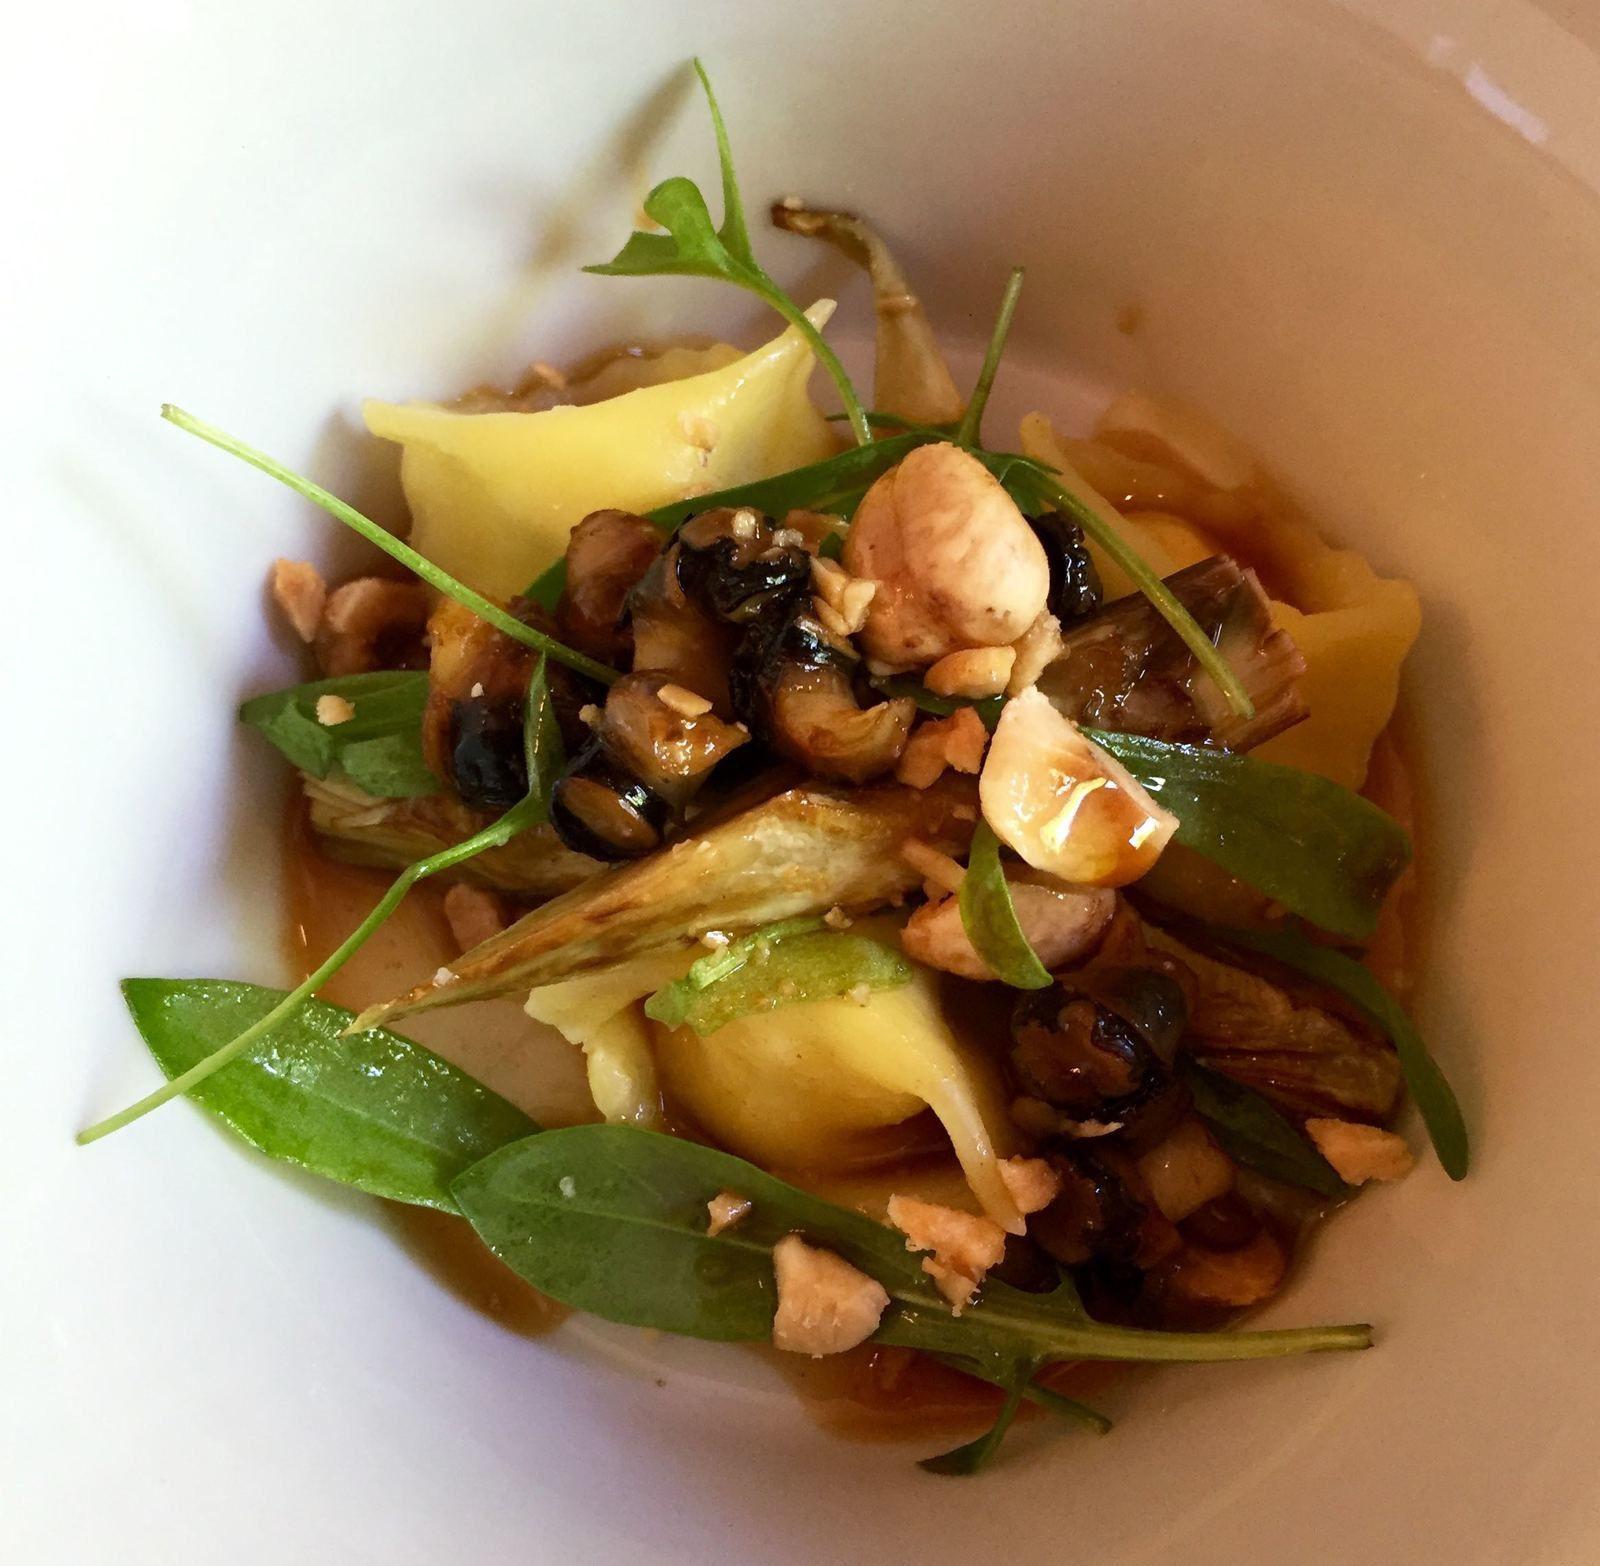 Accompagnement: raviole de Brocciu, artichauts et noisettes